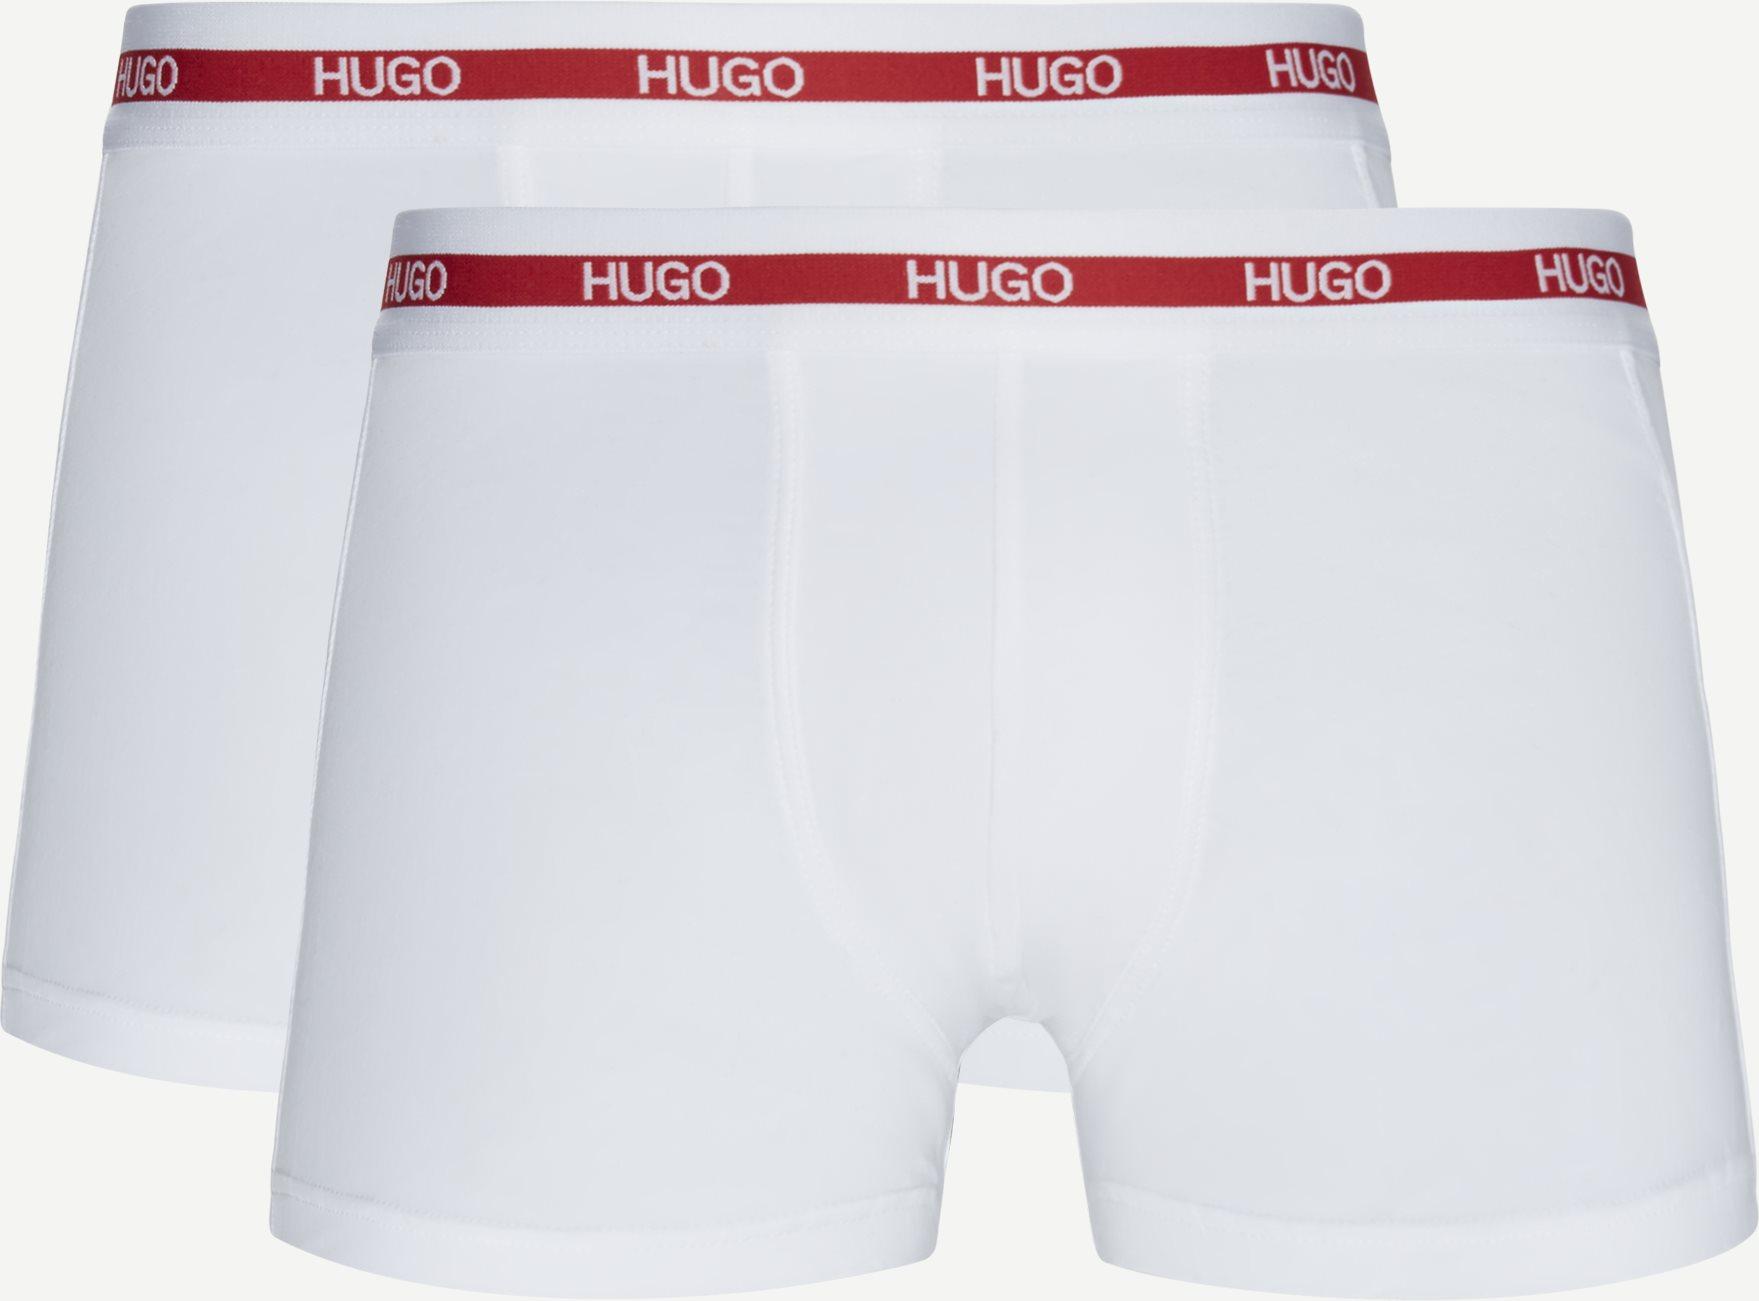 Underwear - Regular - White